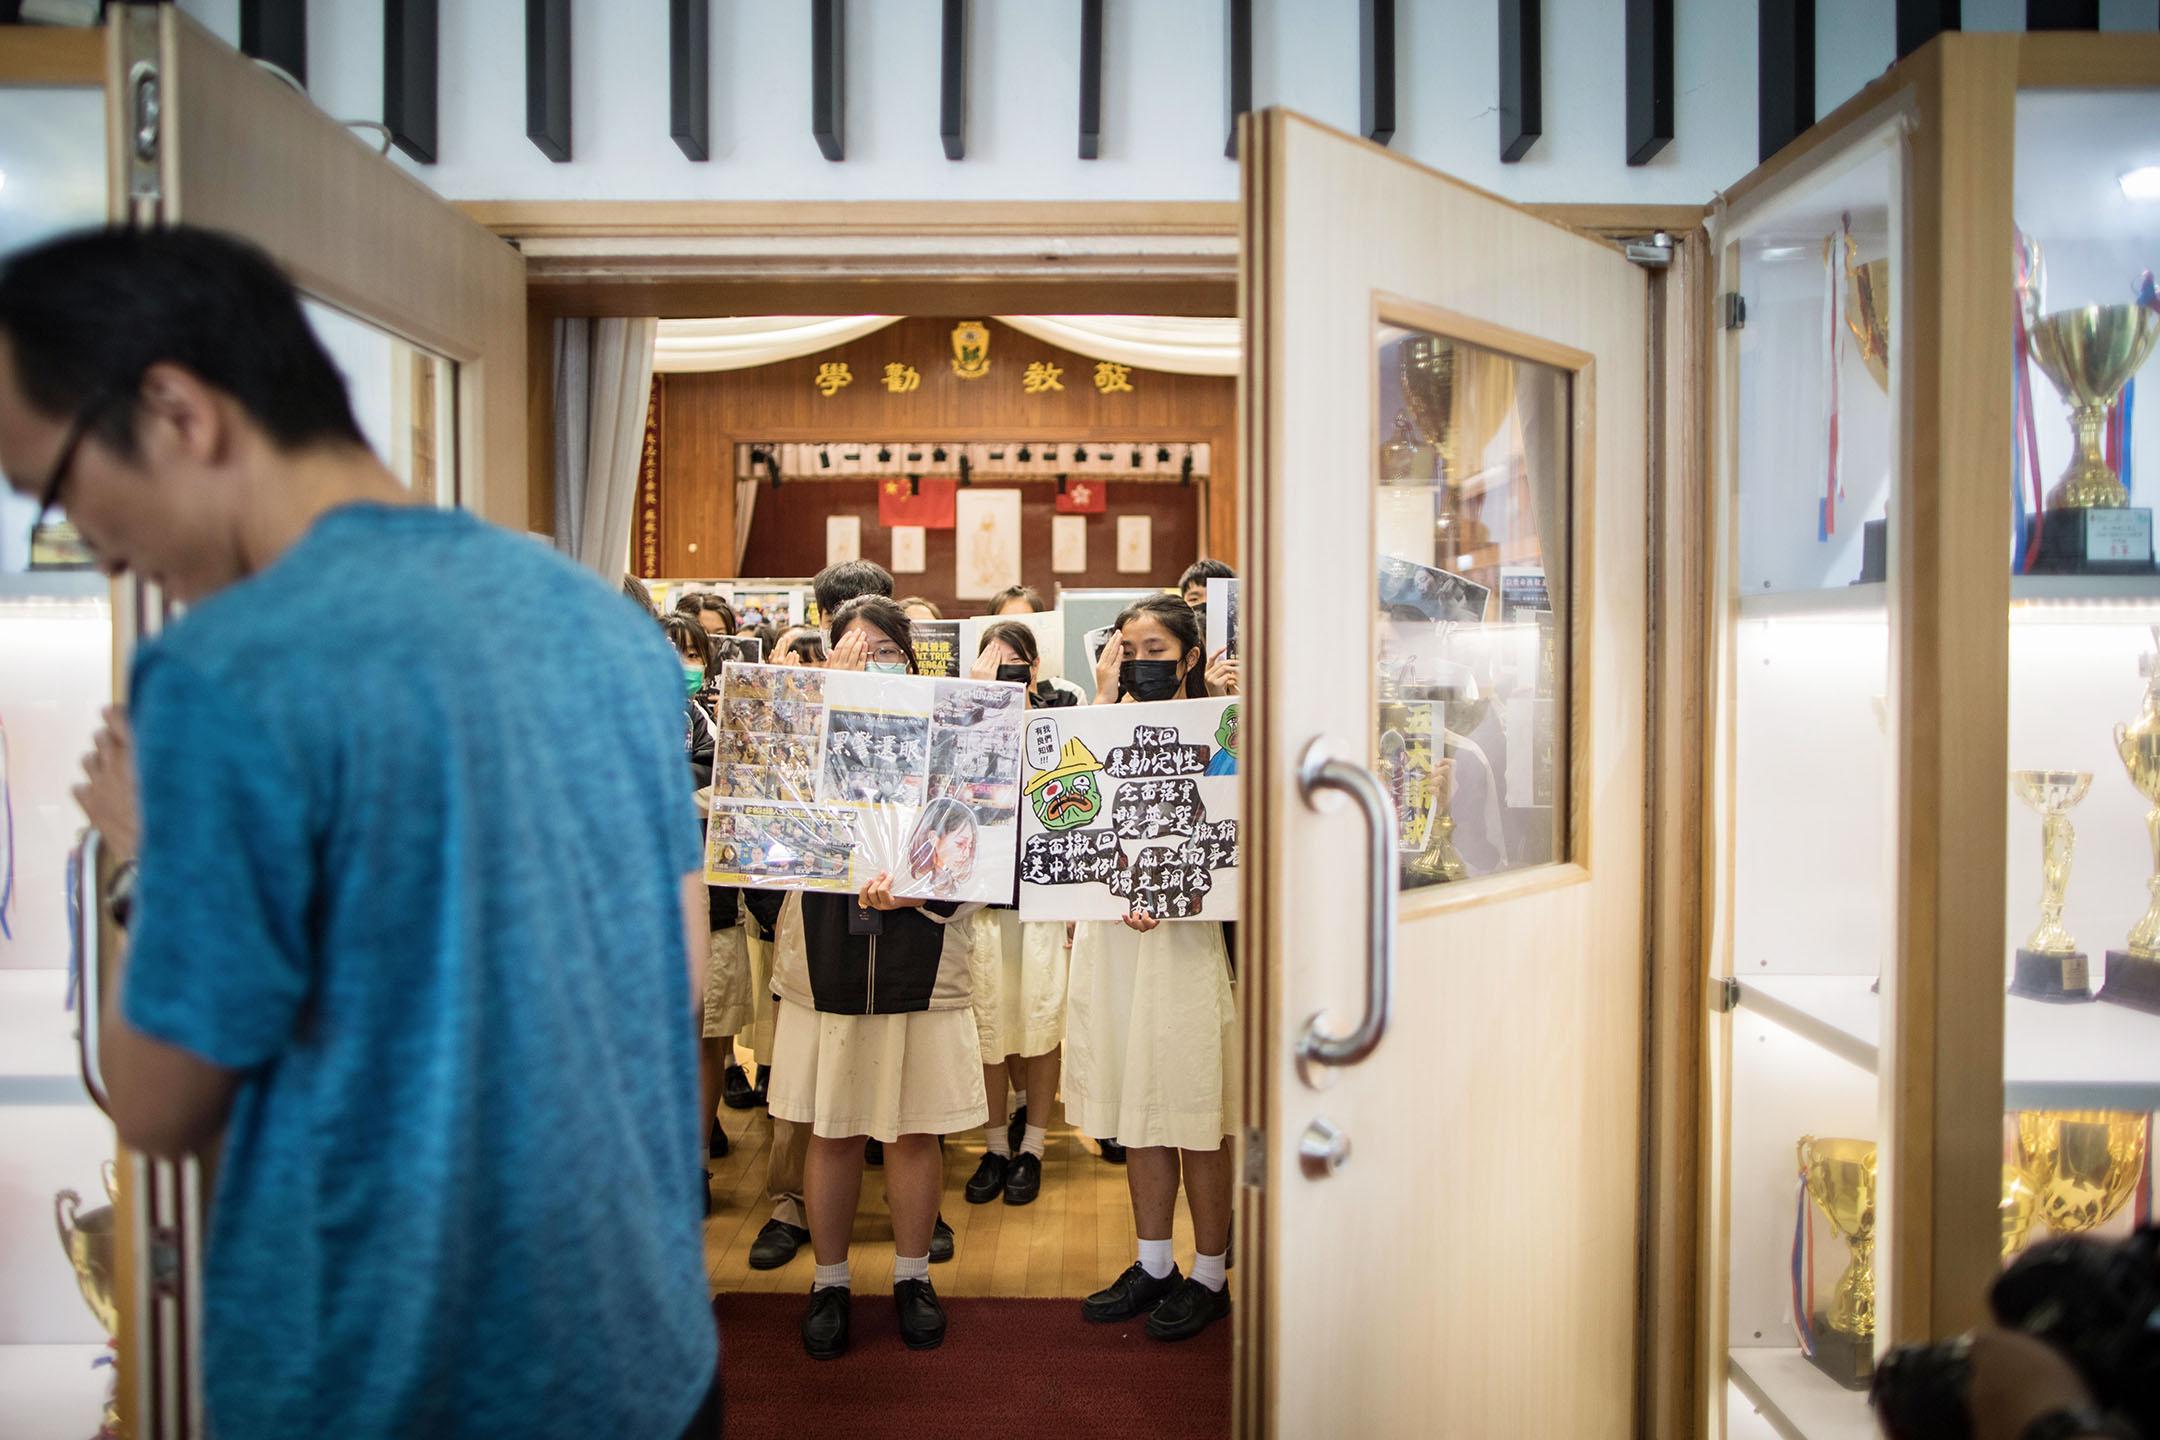 2019年9月3日,大埔孔教學院大成何郭佩珍中學內,學生站立在禮堂內抗議。 攝:陳焯煇/端傳媒